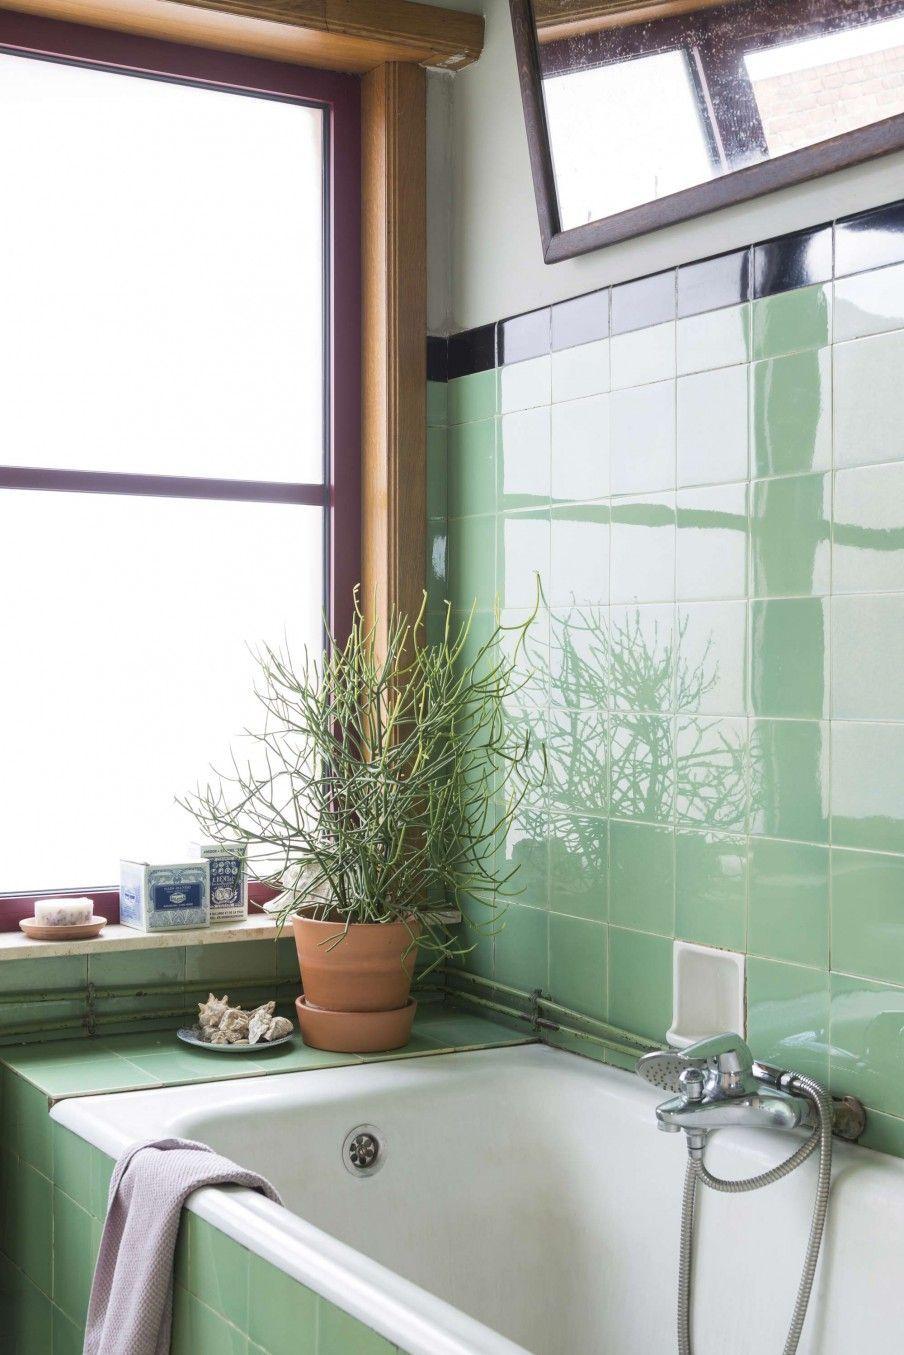 Vintage badezimmer design badkamer met bad en groene tegeltjes  bathroom with bathtub and